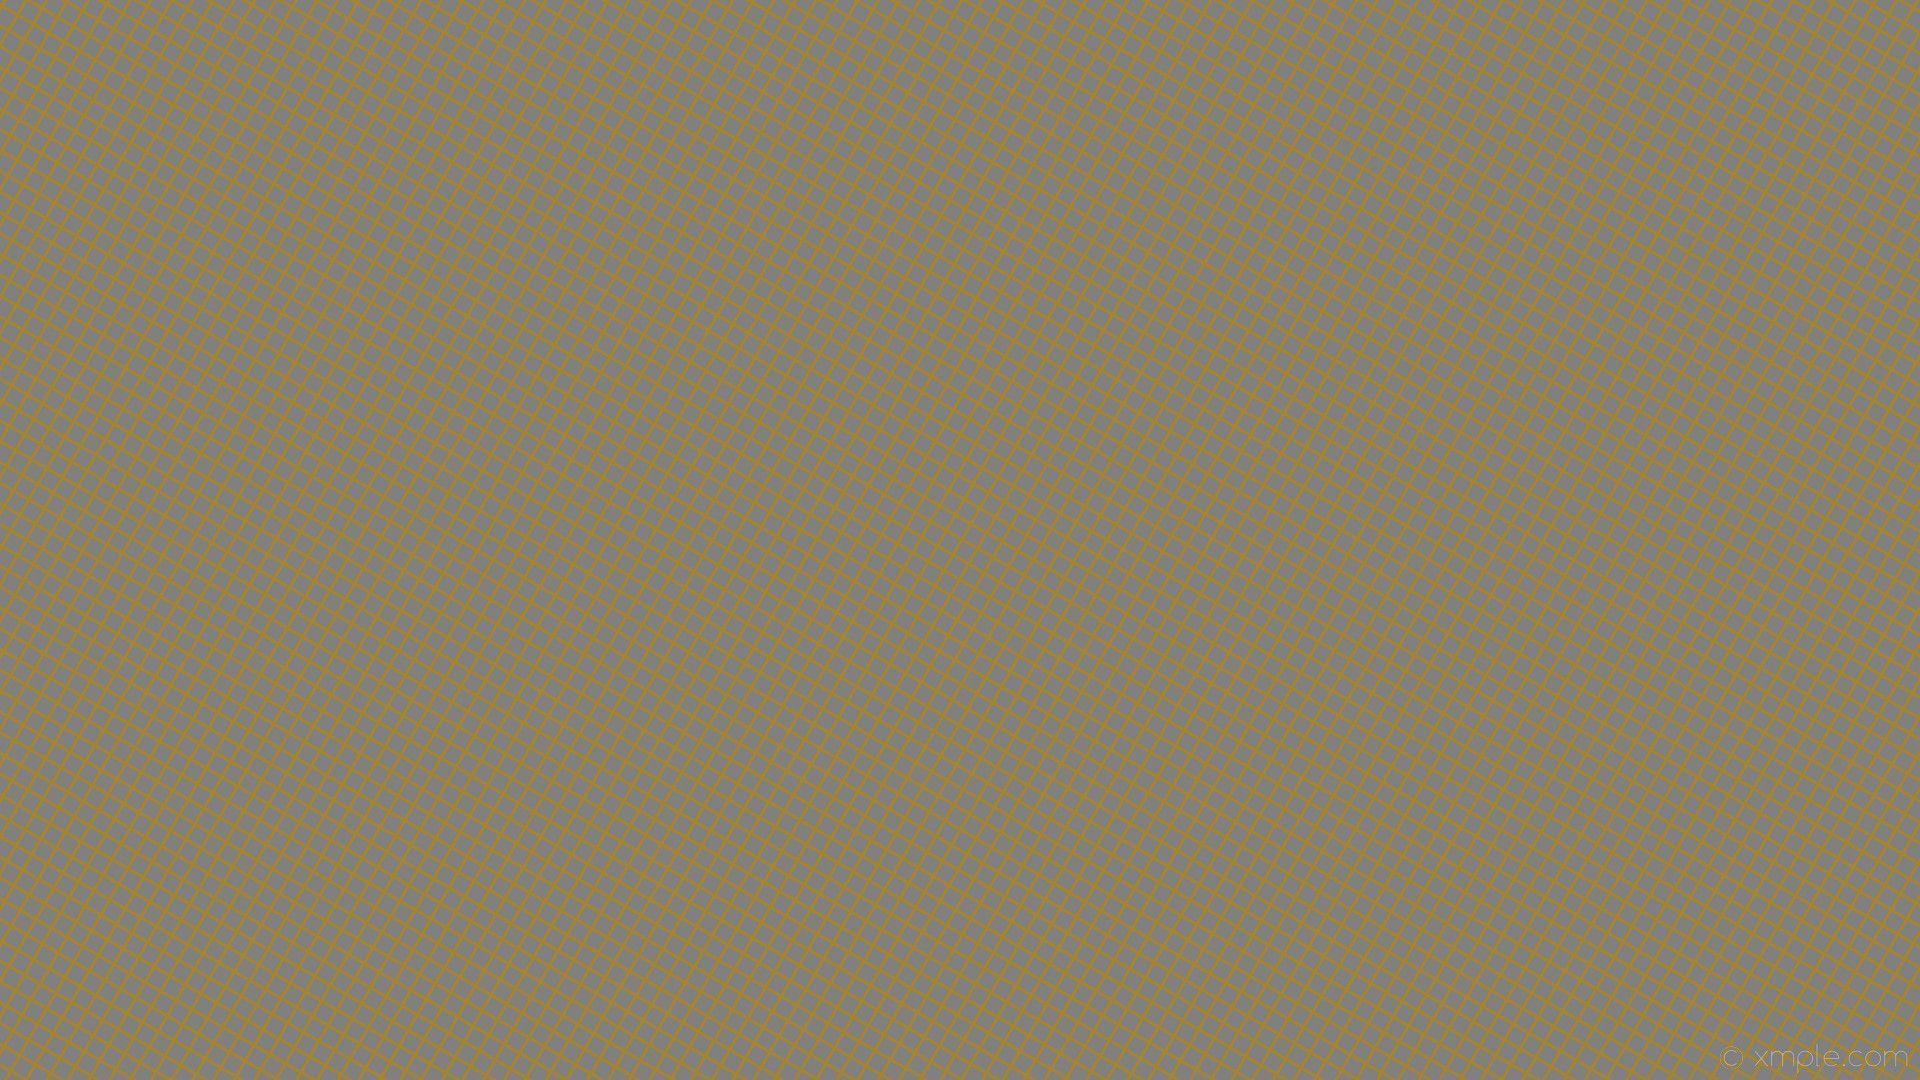 Beige Aesthetic Desktop Wallpapers - Top Free Beige ...